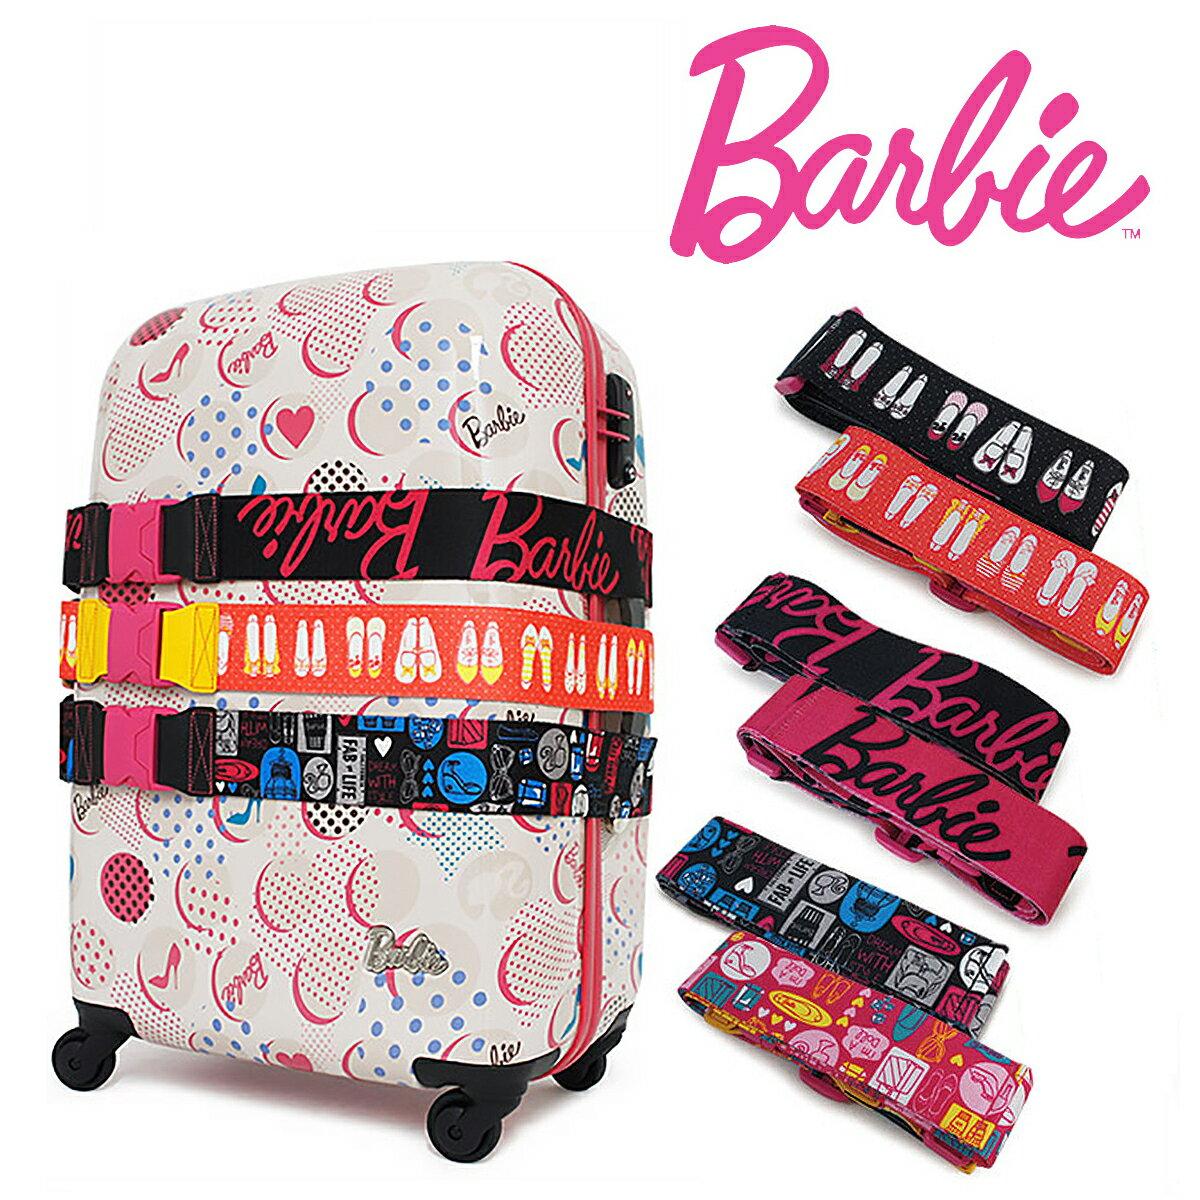 バービー Barbie スーツケースベルト 48866 48867 48868 【 ジェリー 】【 ワンタッチ バックル式 ケースベルト 】[PO10][bef][即日発送]